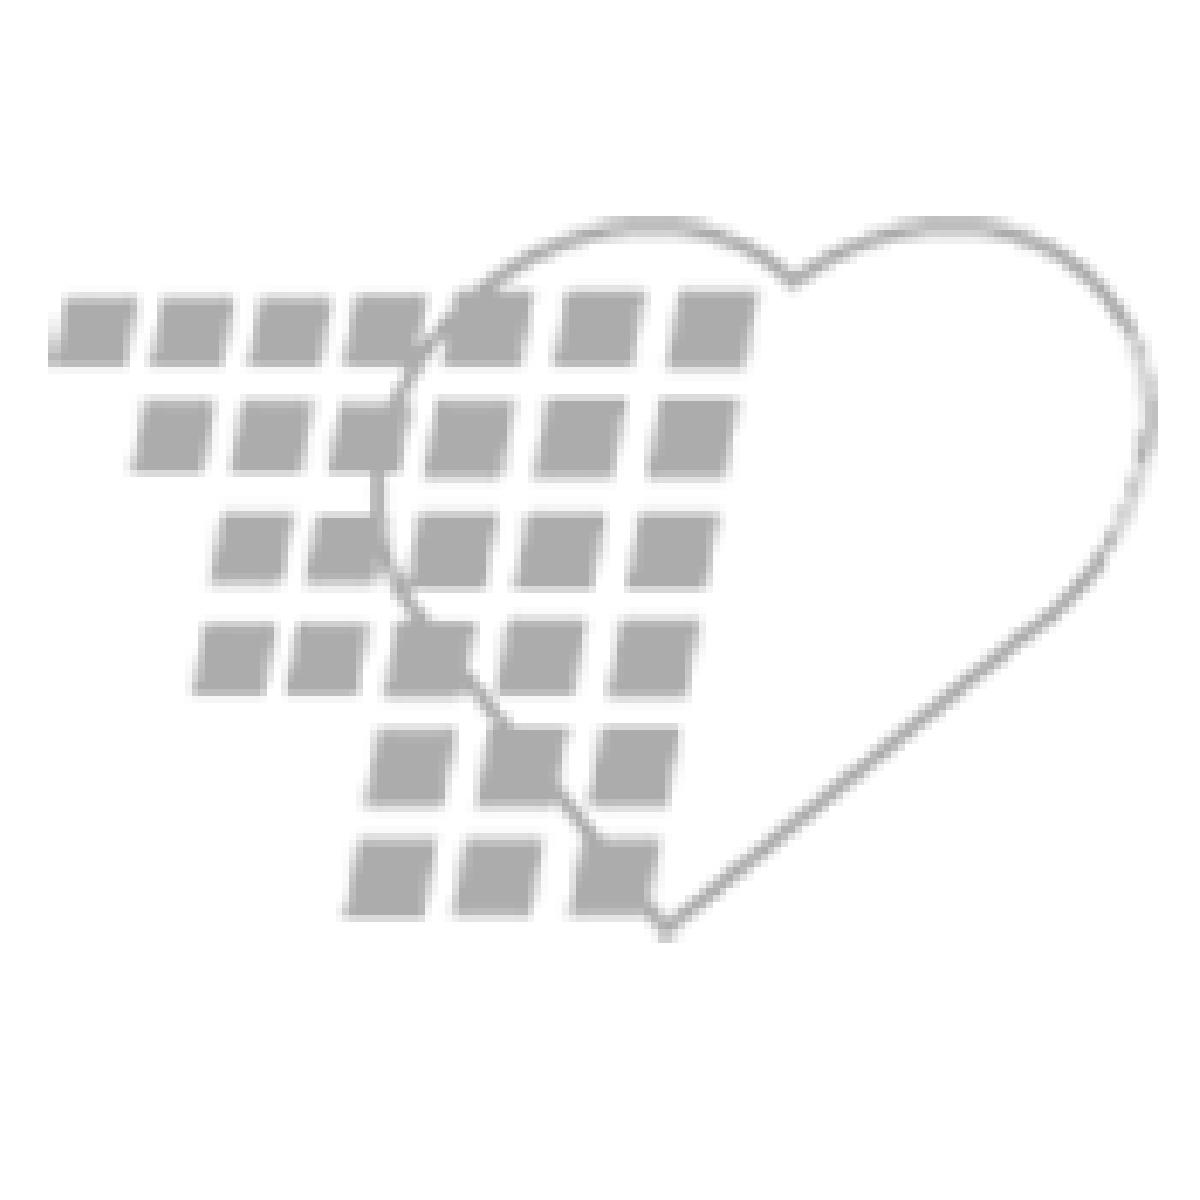 06-93-9023 - Demo Dose® Dobutrx (DOBUTamin) 20ml vial 250mg/20mL